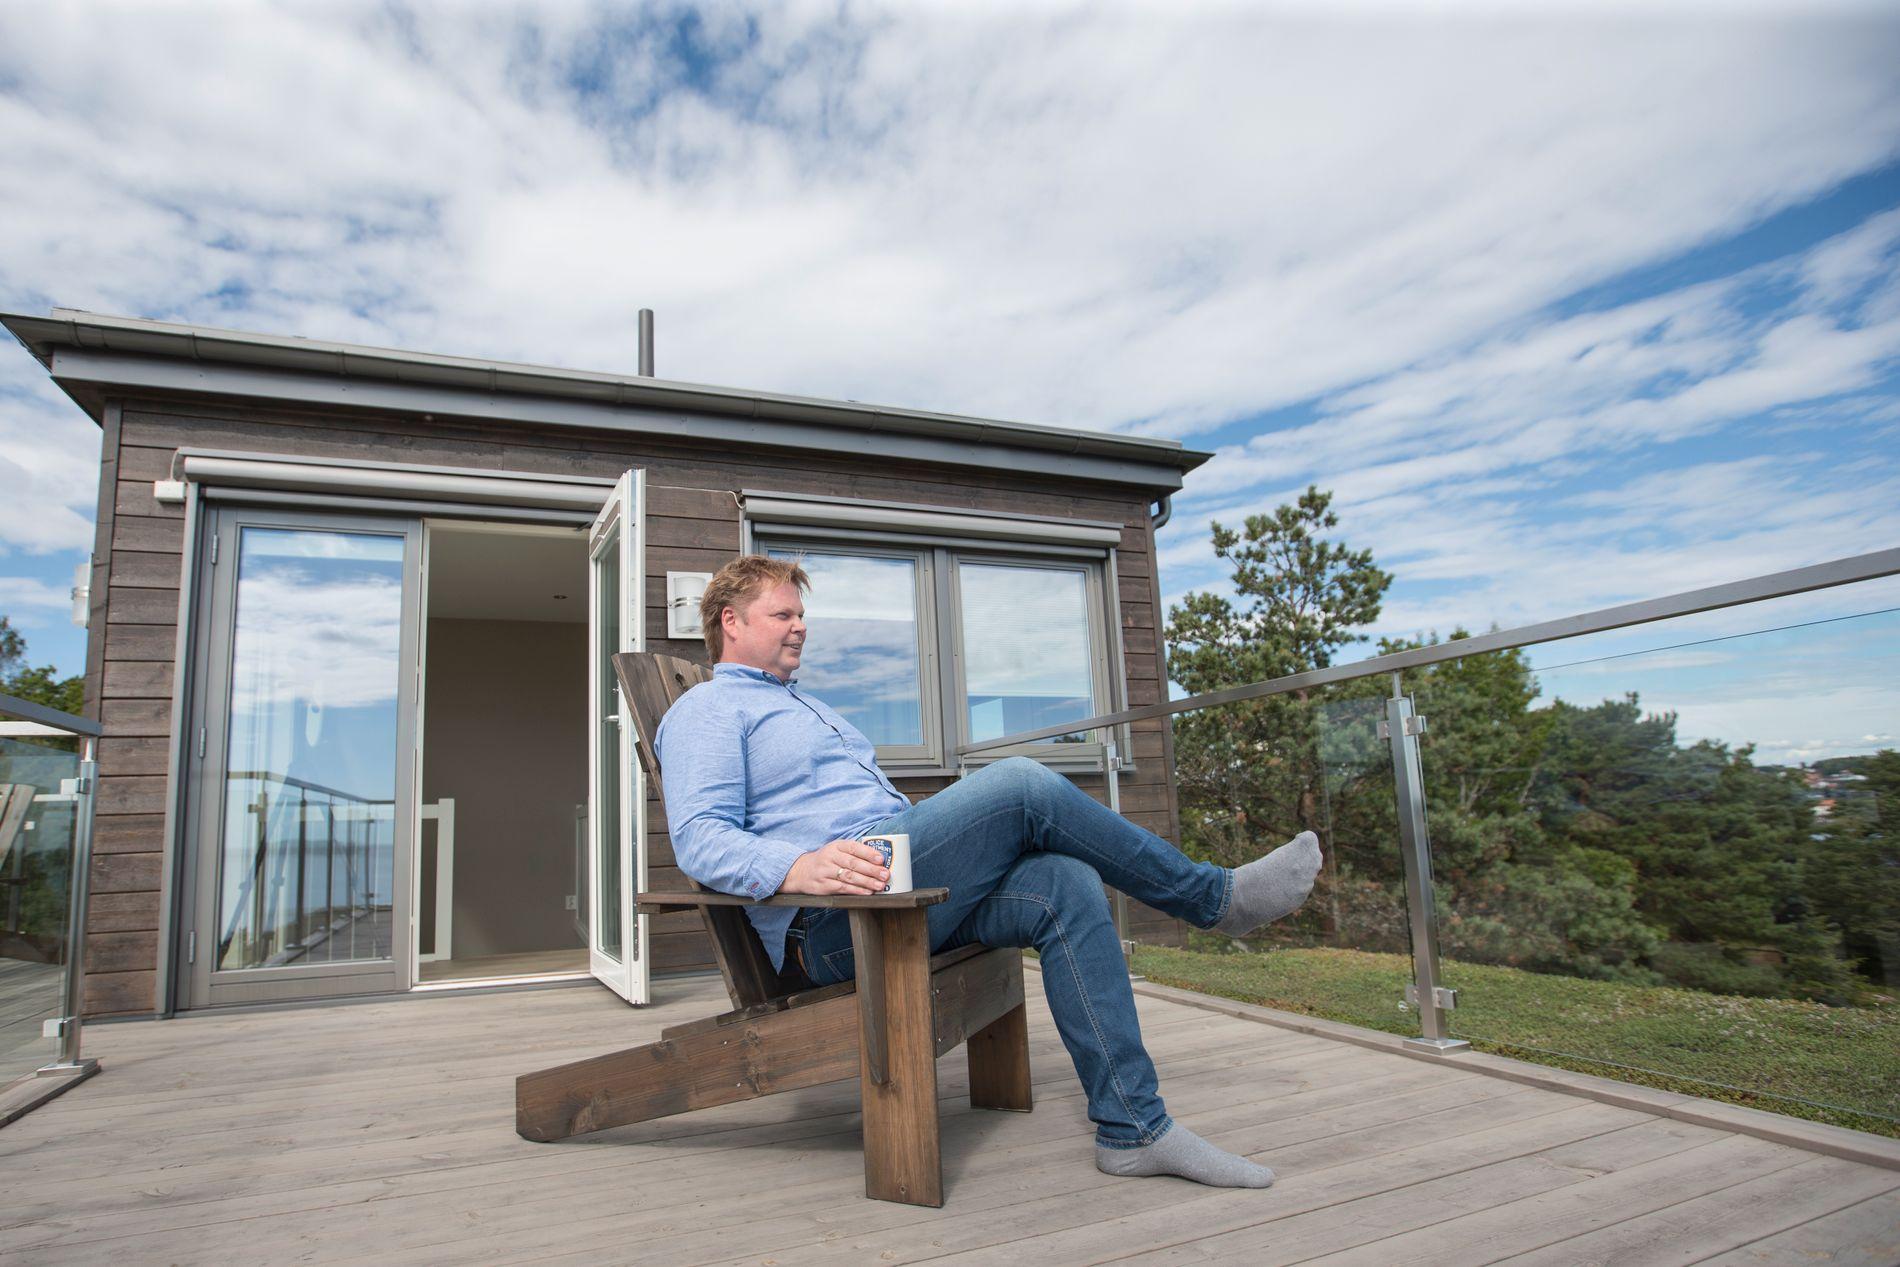 PÅ TOPPEN: Jørn Lier Horst (47) har bygget seg et drømmehus utenfor Larvik, og helt på toppen fikk han sitt eget skrivetårn.